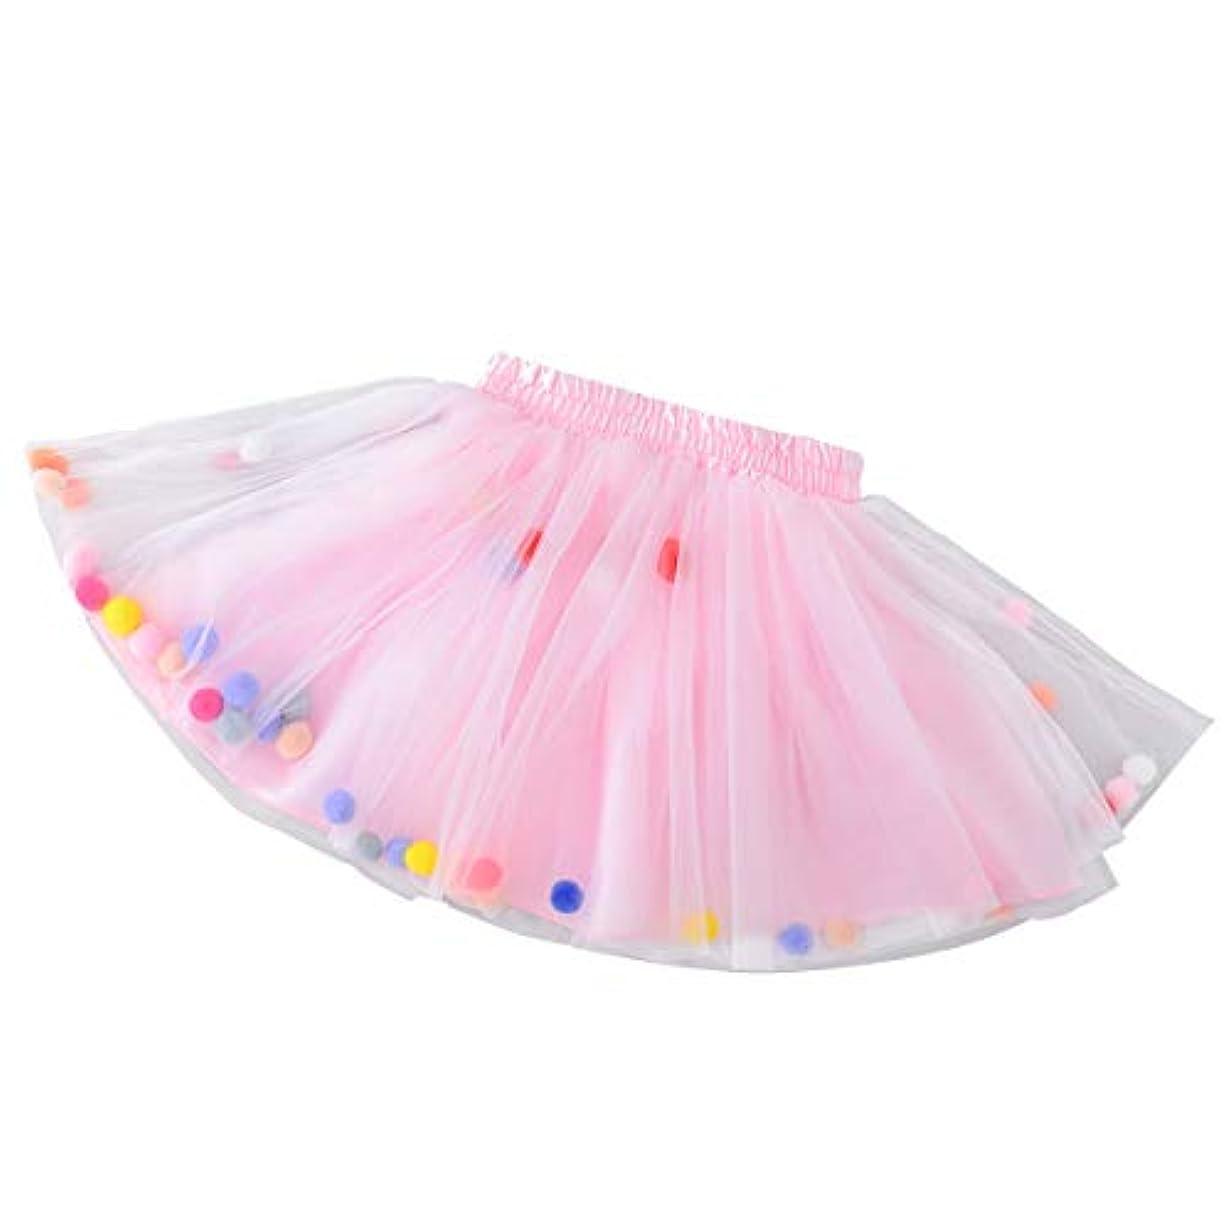 カストディアン崇拝する計画YeahiBaby 子供チュチュスカートラブリーピンクミディスカートカラフルなファジーボールガーゼスカートプリンセスドレス衣装用女の子(サイズxl)